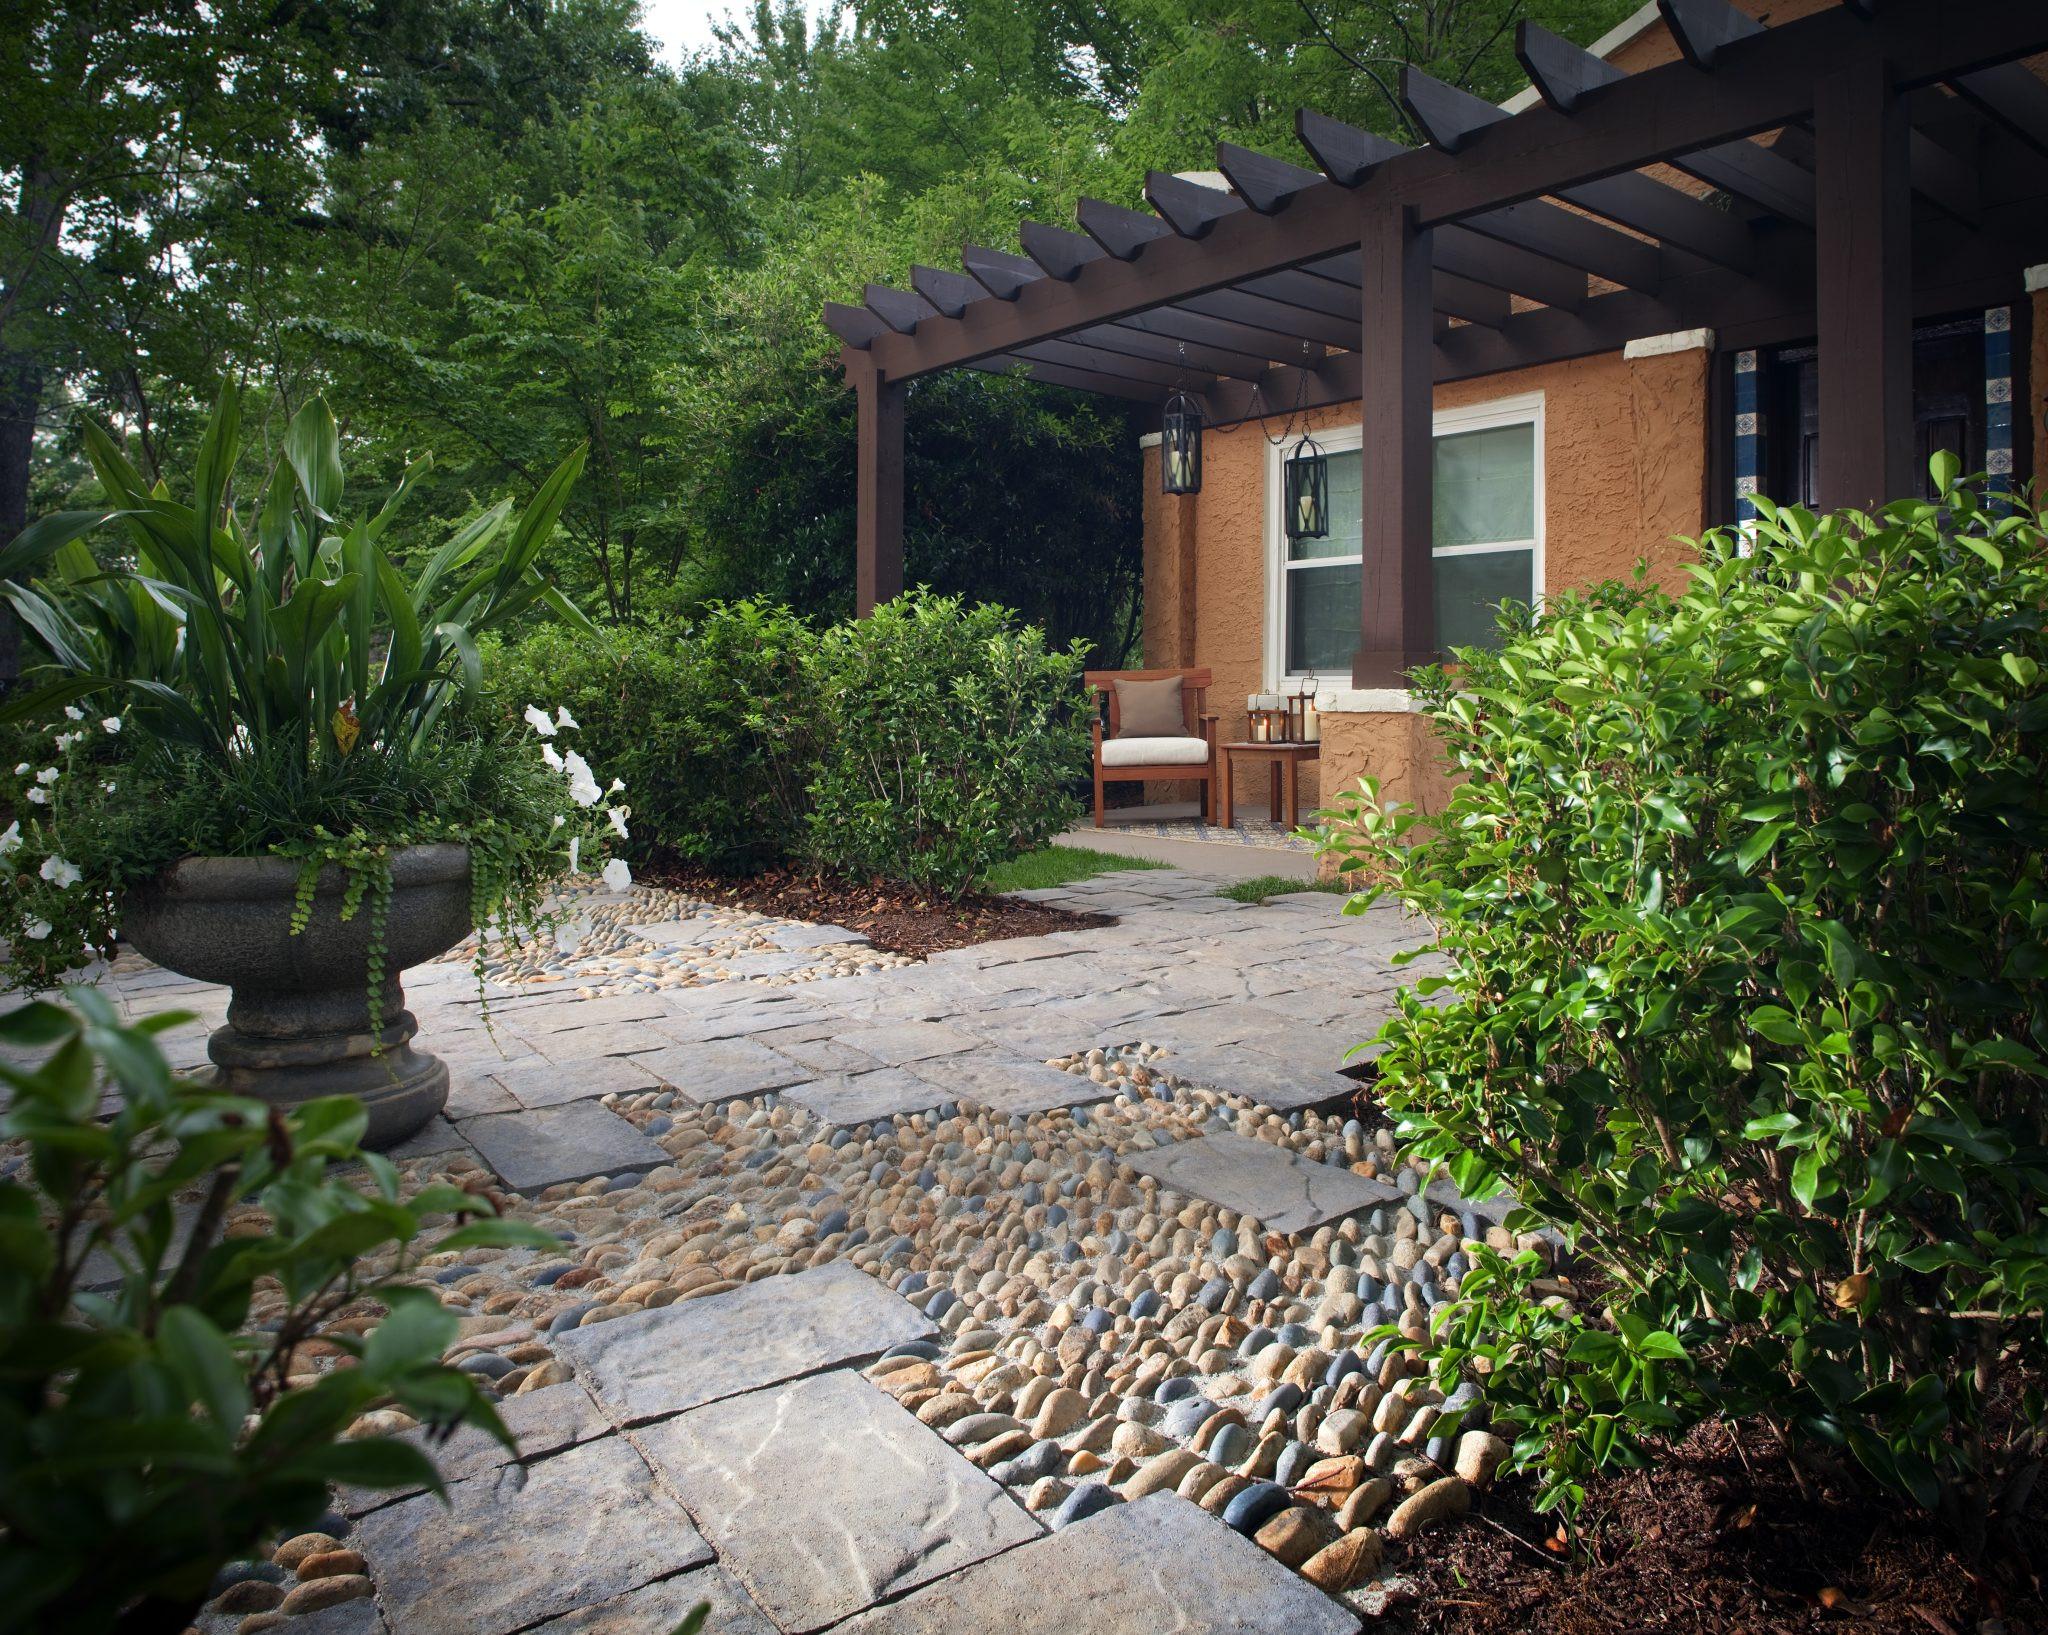 Outdoor Landscape Pavers  Concrete Pavers 15 Creative Paver Design Ideas Tips